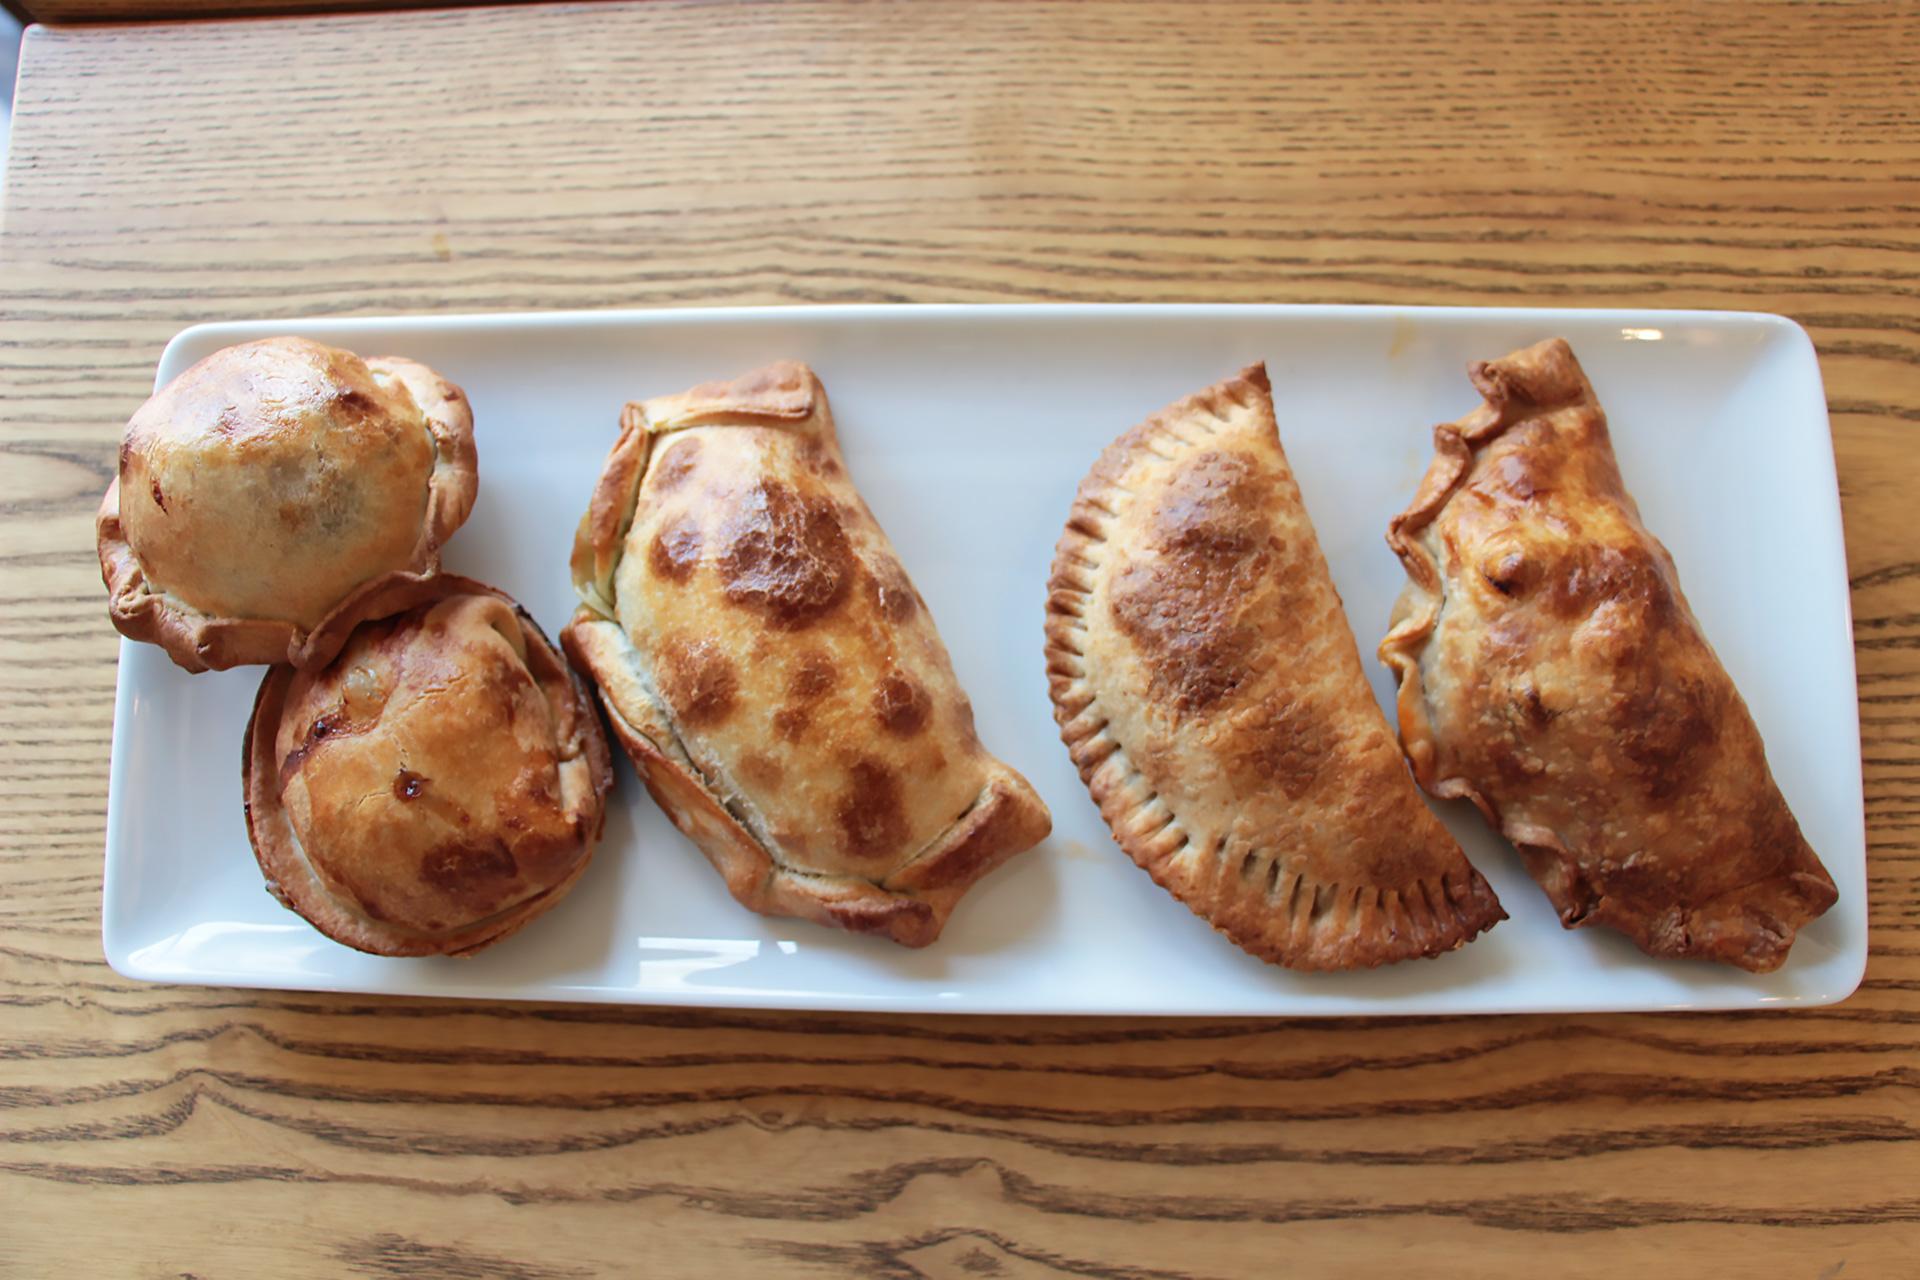 El Sur empanadas